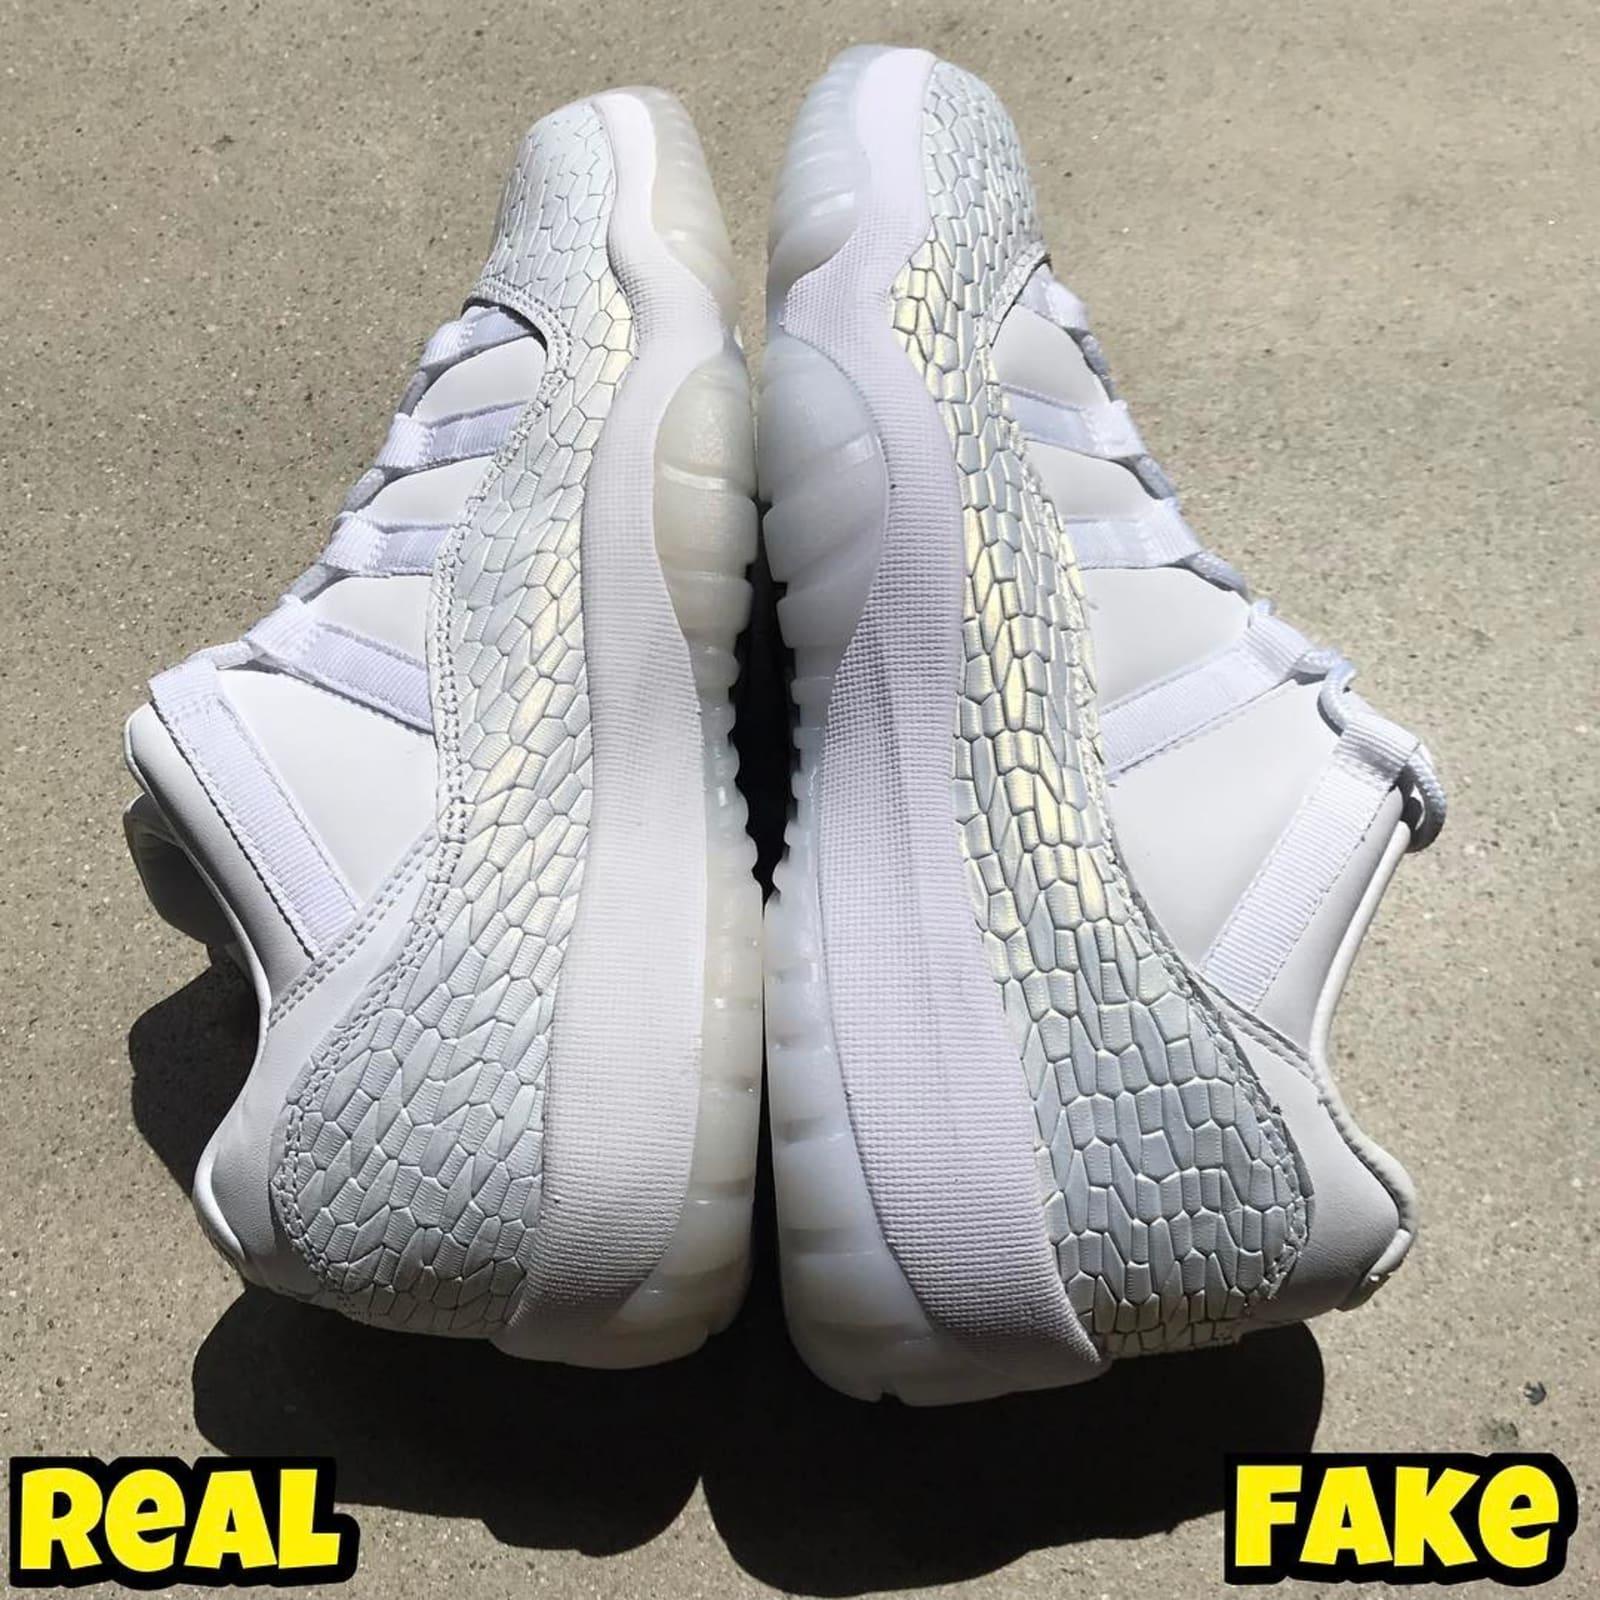 f10da080e5236b Air Jordan 11 Low White Heiress Real Fake Legit Check